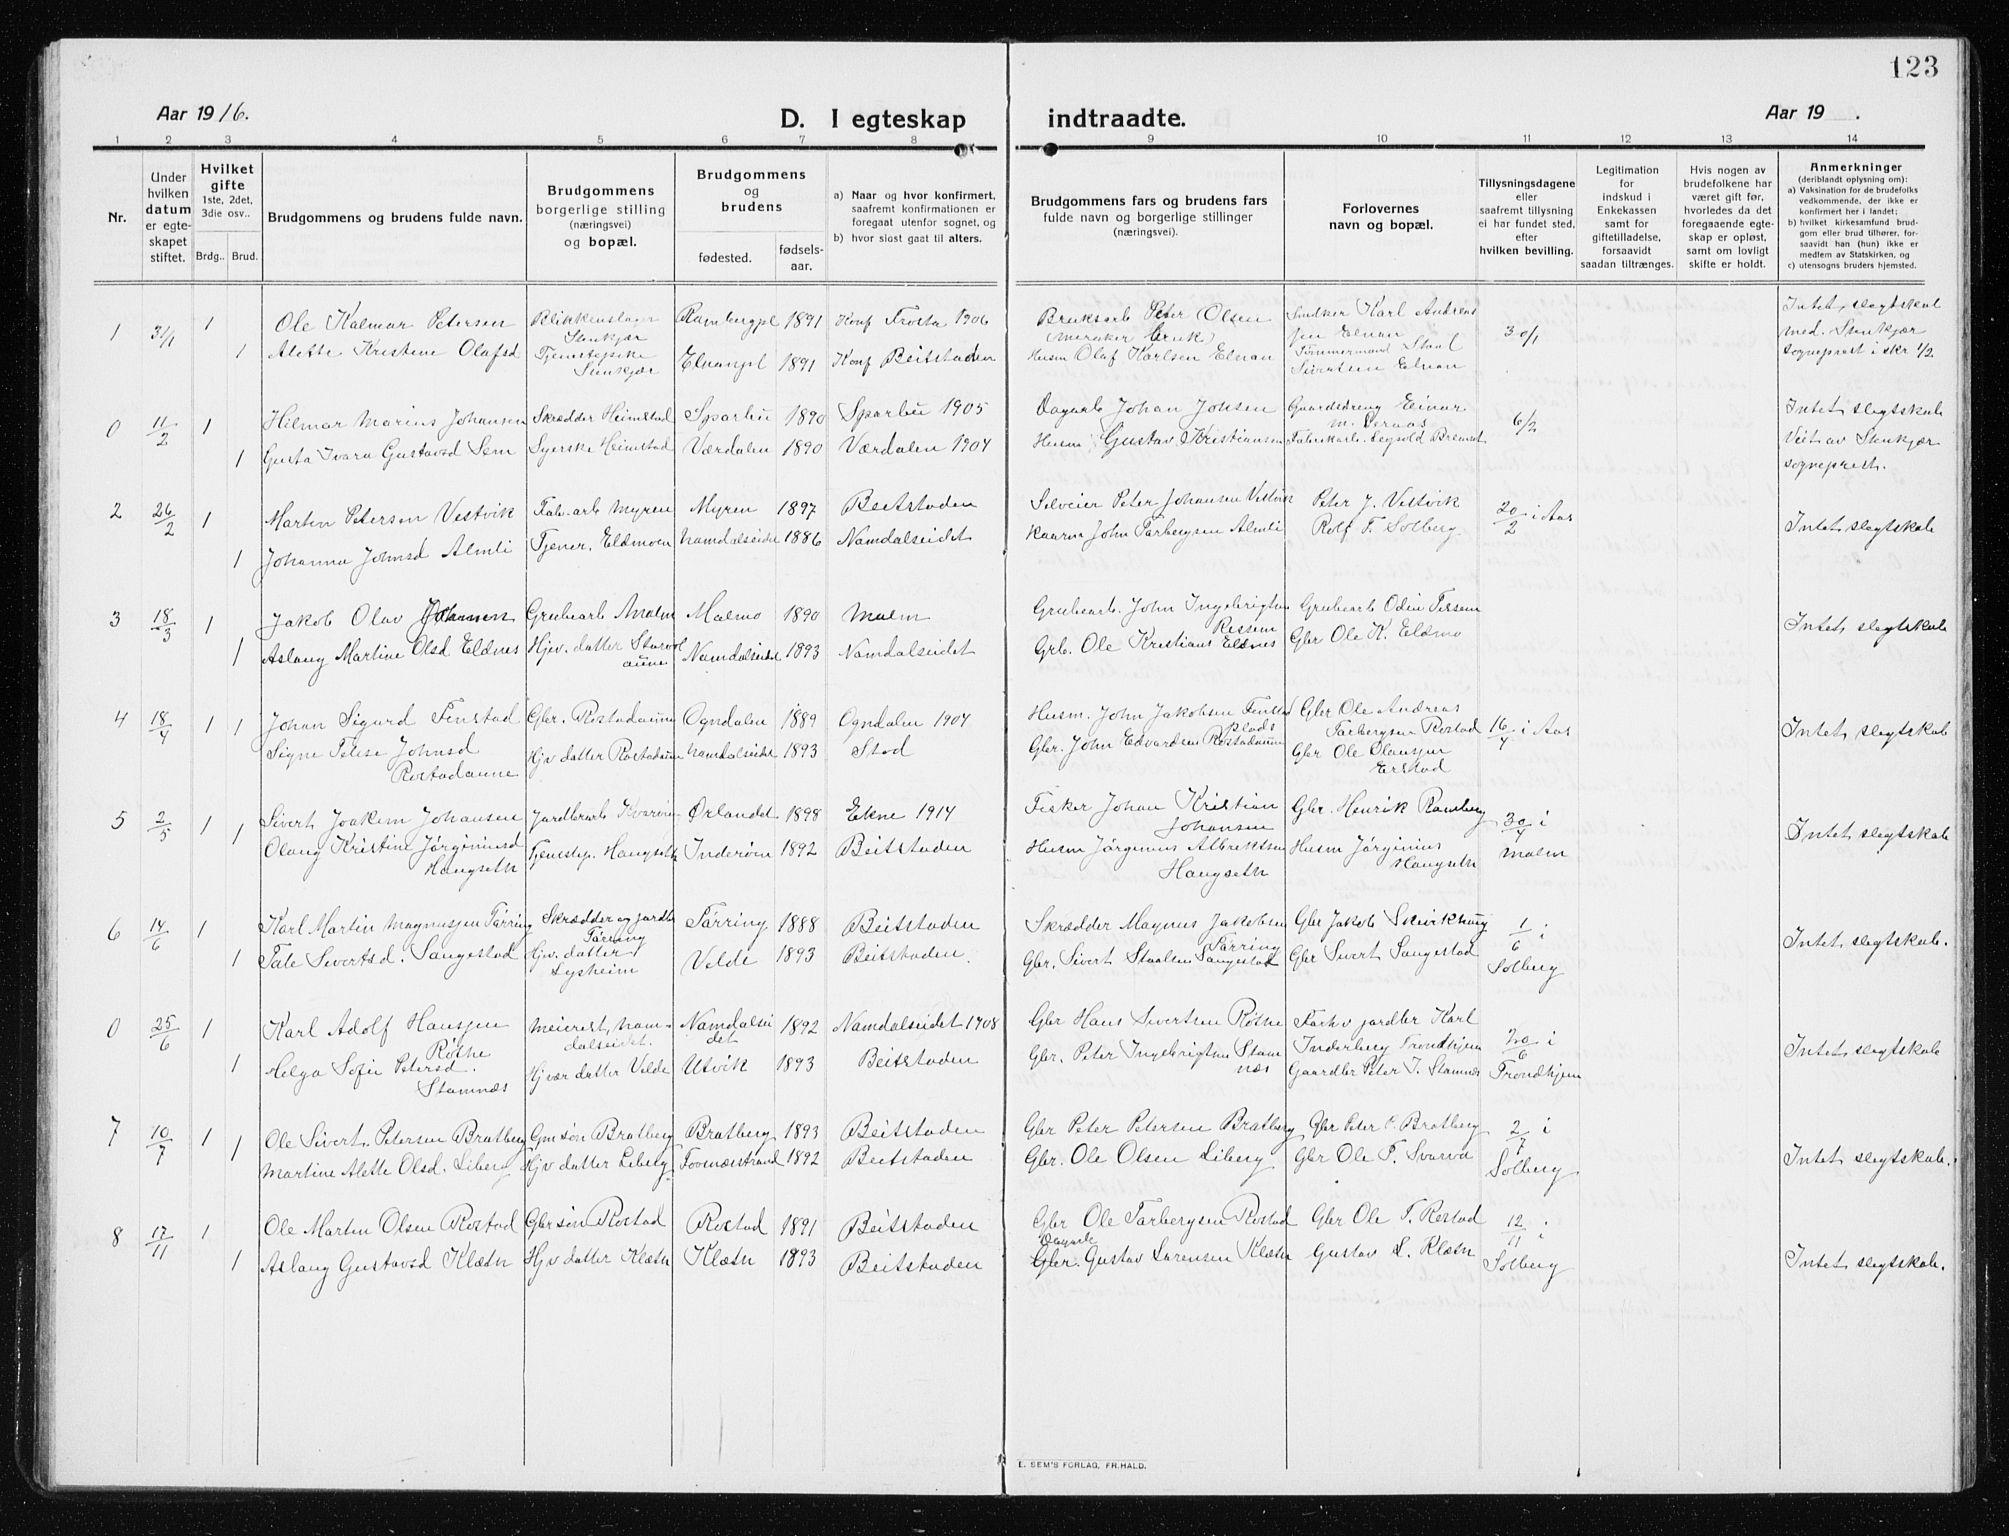 SAT, Ministerialprotokoller, klokkerbøker og fødselsregistre - Nord-Trøndelag, 741/L0402: Klokkerbok nr. 741C03, 1911-1926, s. 123